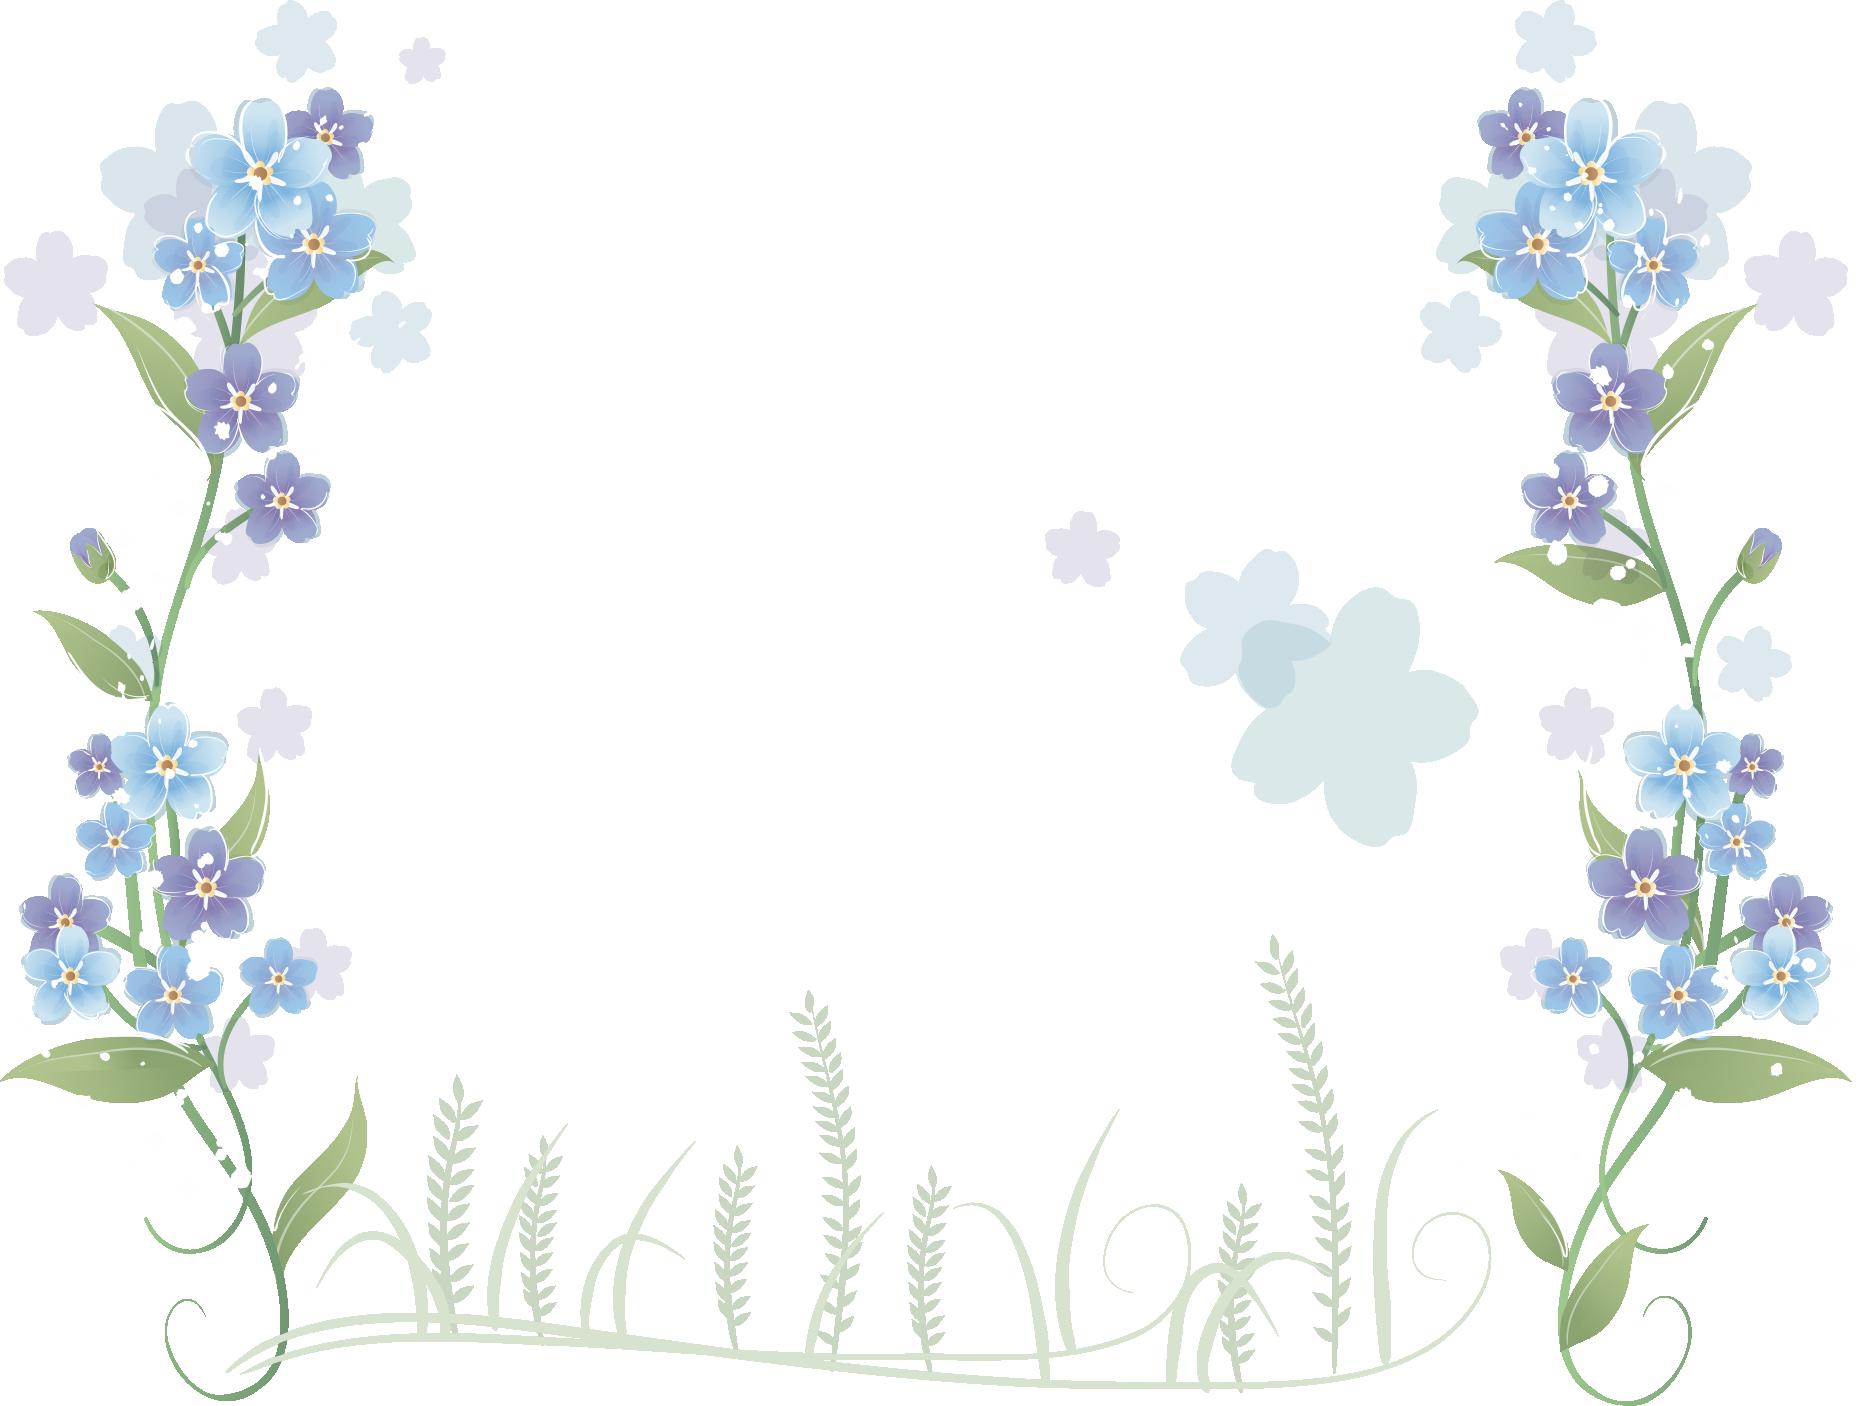 Lavender clipart delphinium. Flower blue hand painted